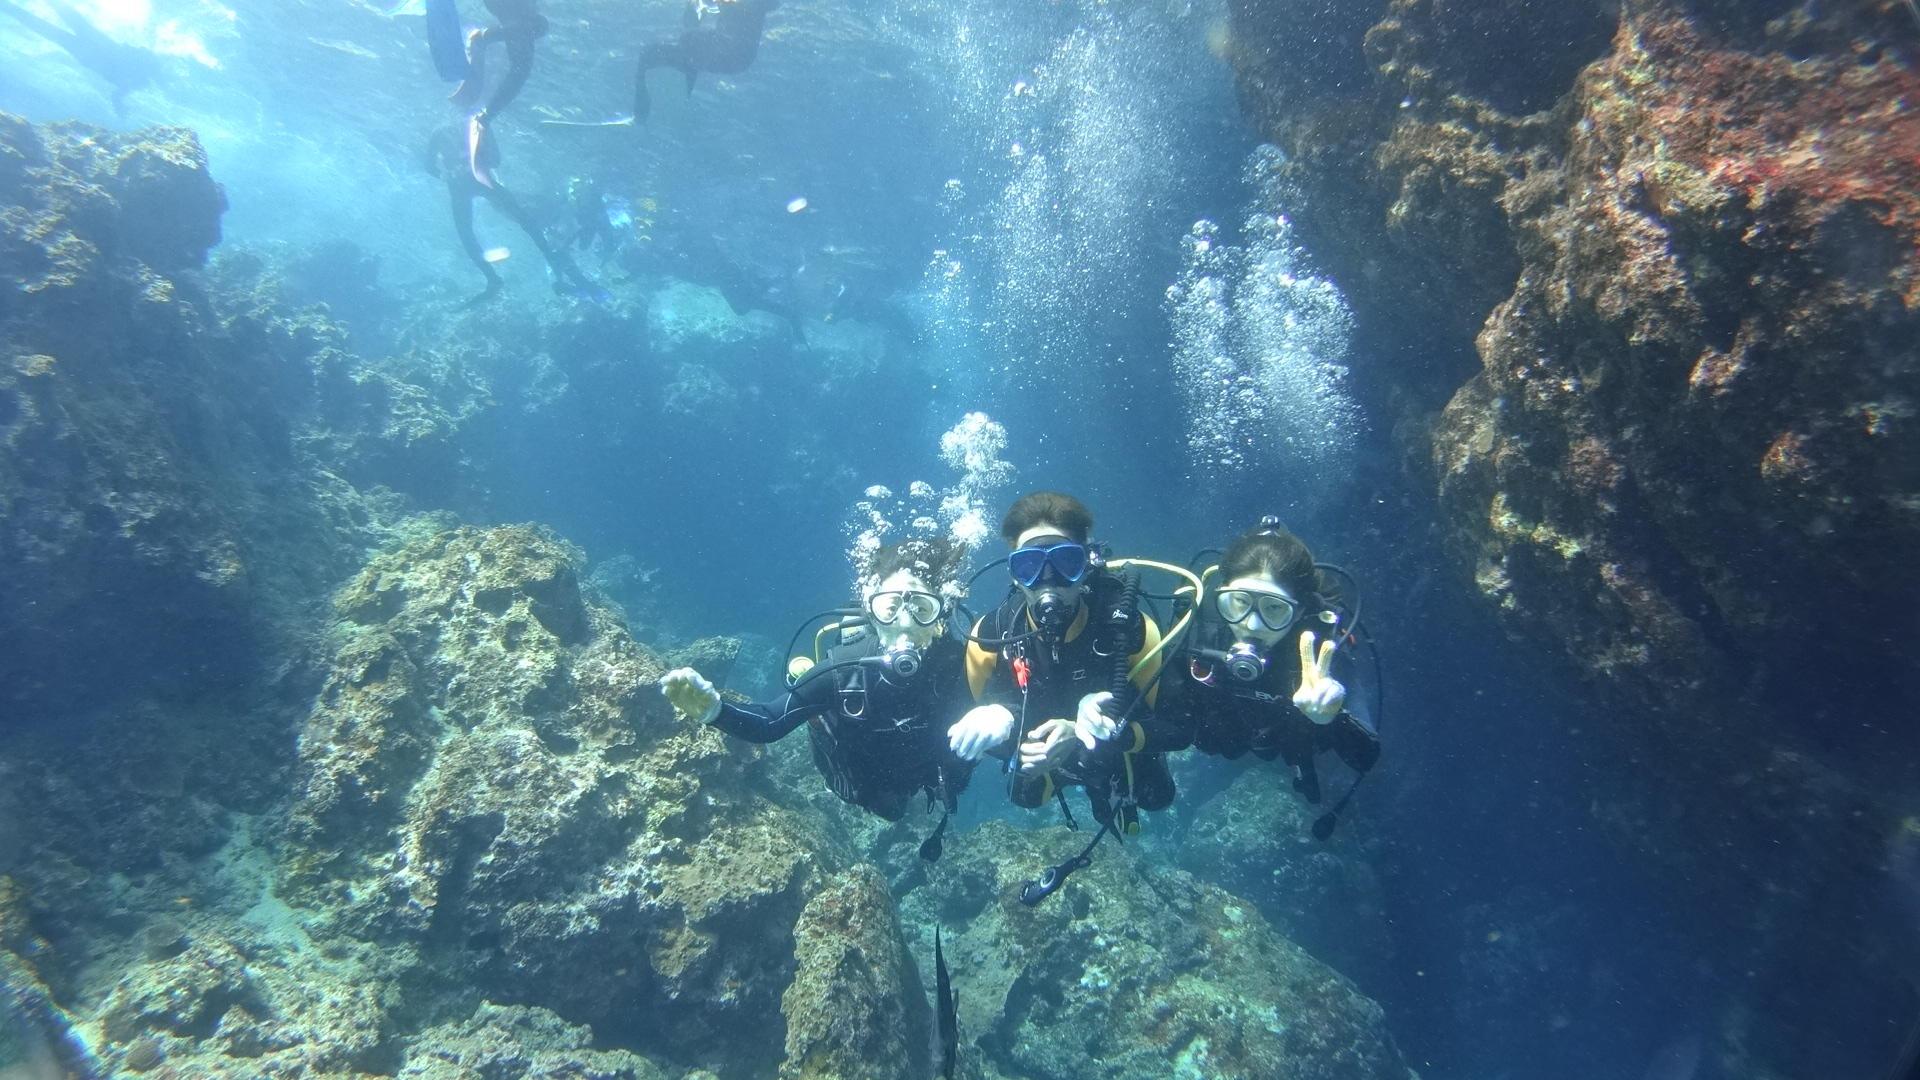 【当日予約OK!恩納村発】ボートで行く、青の洞窟で体験ダイビング!青の洞窟を潜る、体験ダイビング 1便/9:00出港